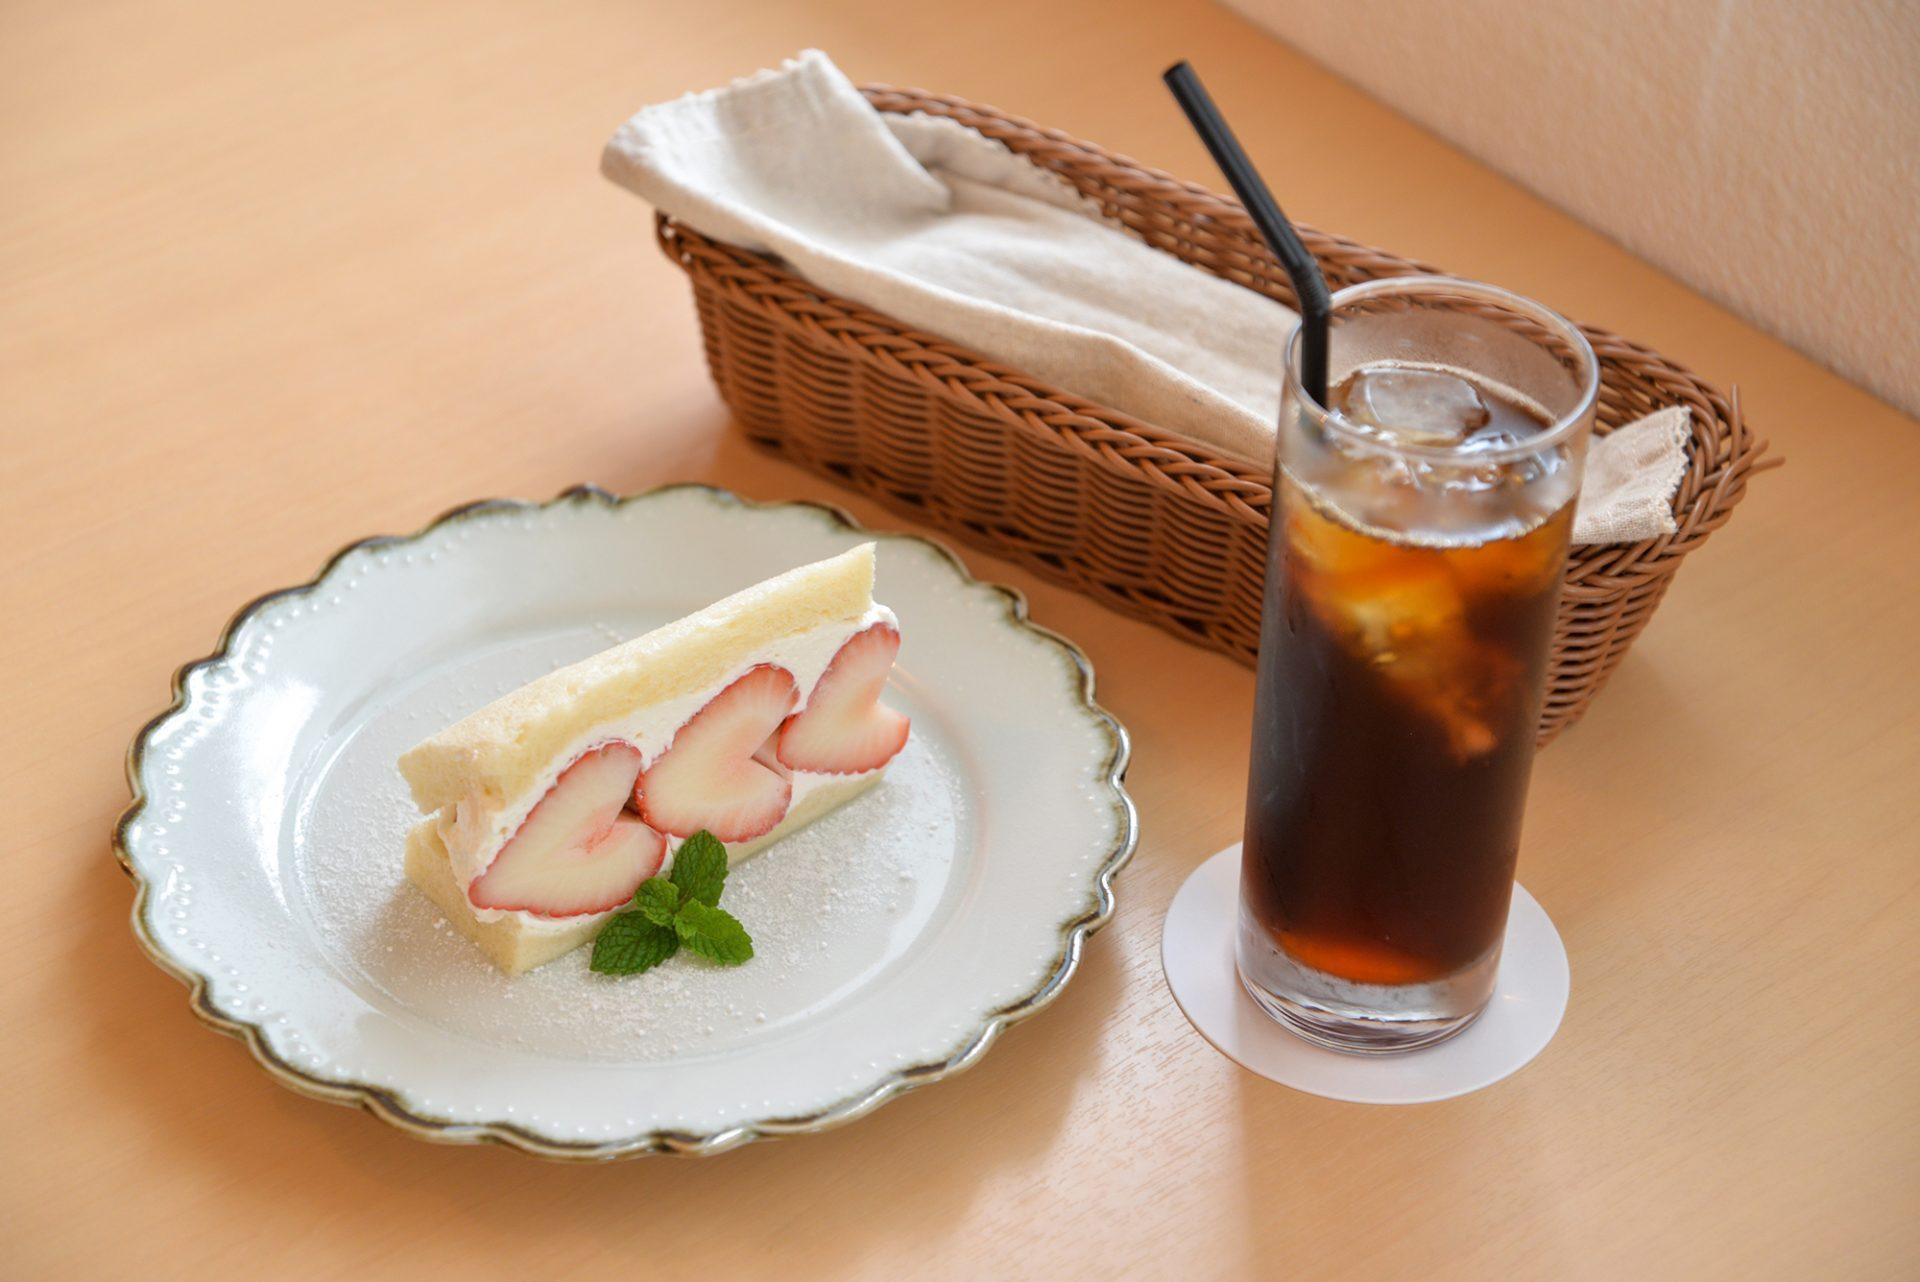 浦添 カフェ おすすめ cafe chouette